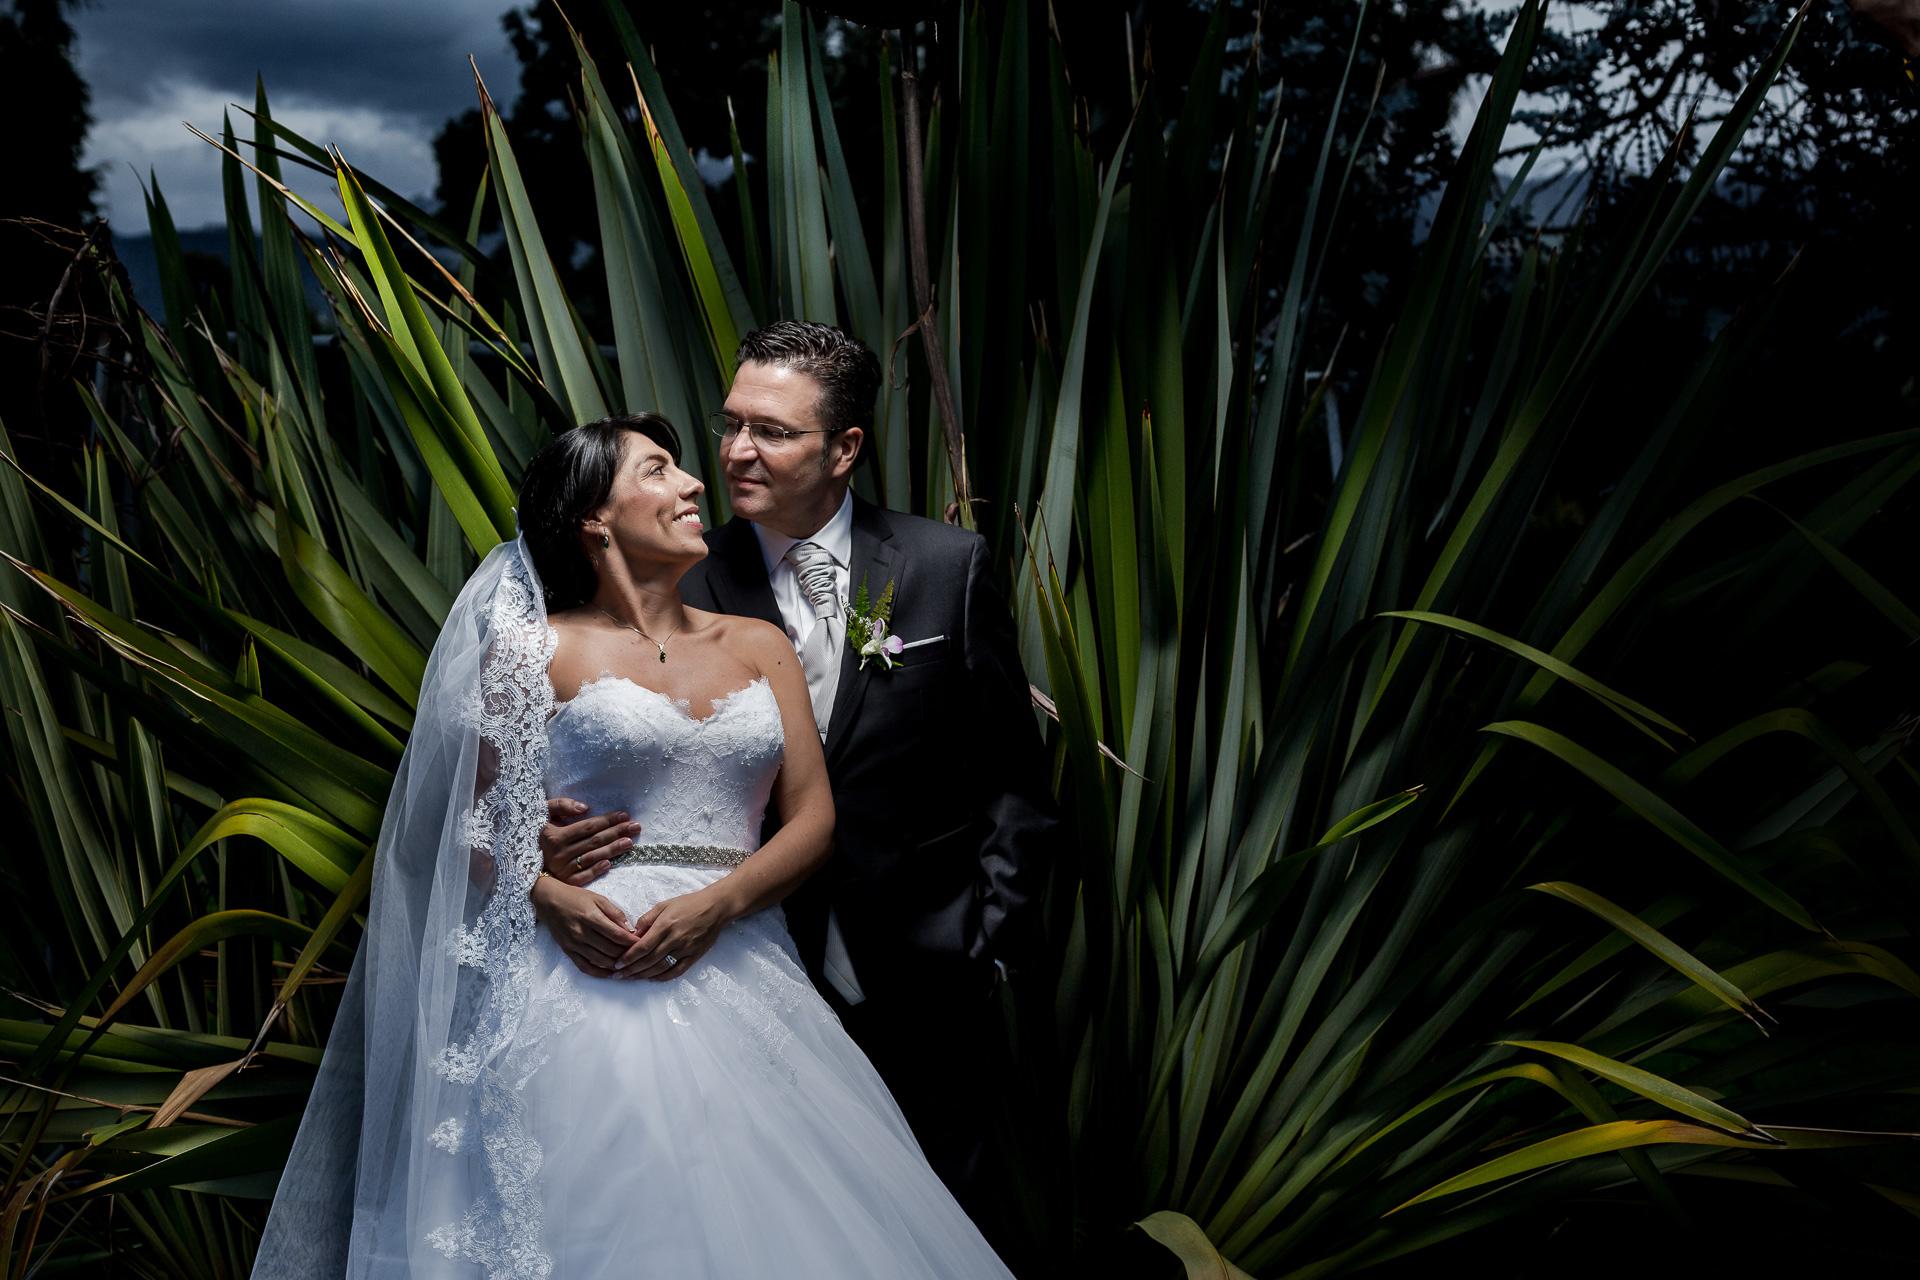 Fotógrafos-de-bodas-en-Colombia-Angela-y-Antonio-42 ANGELA Y ANTONIO